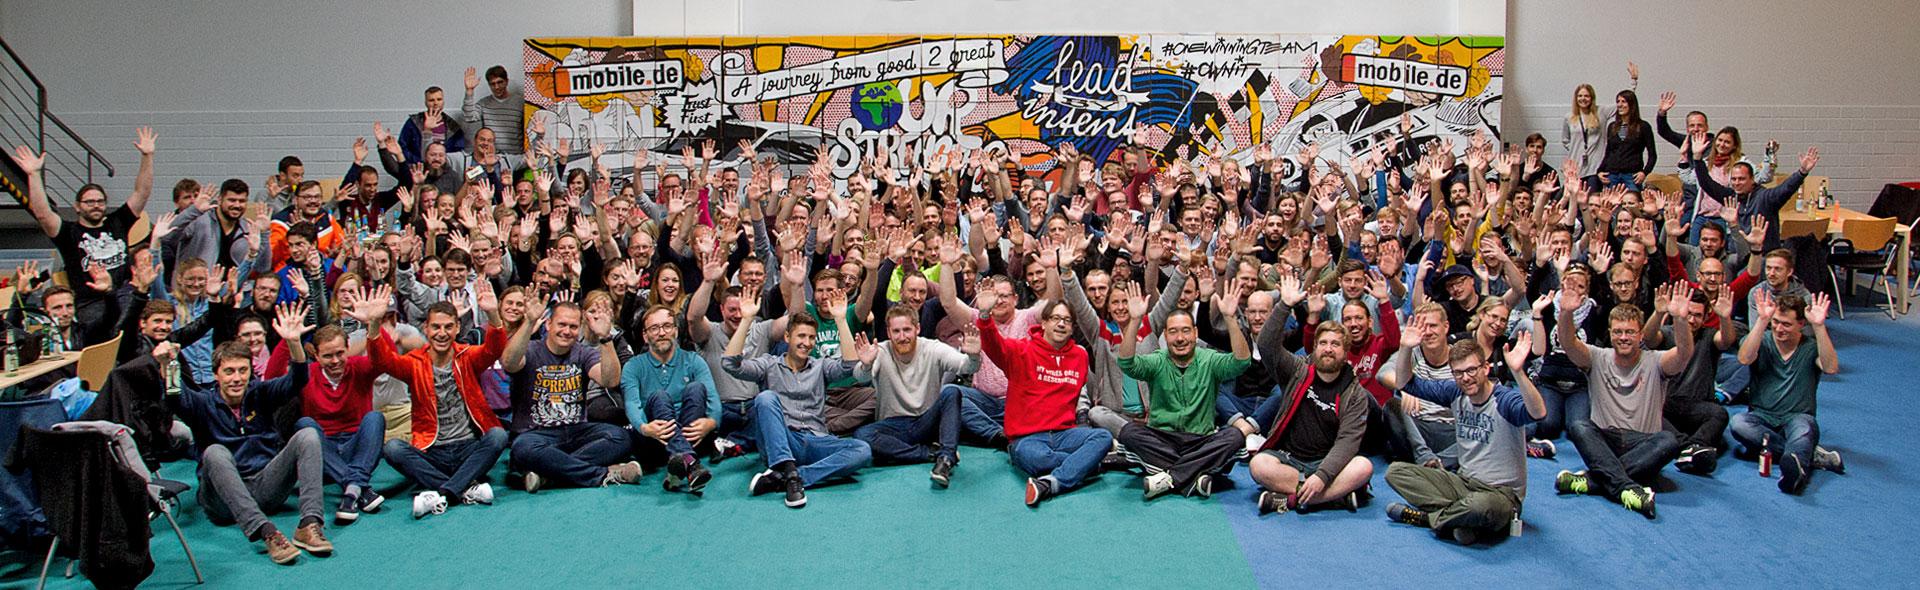 Das Team Event für mobile.de haben wir mitgestaltet.